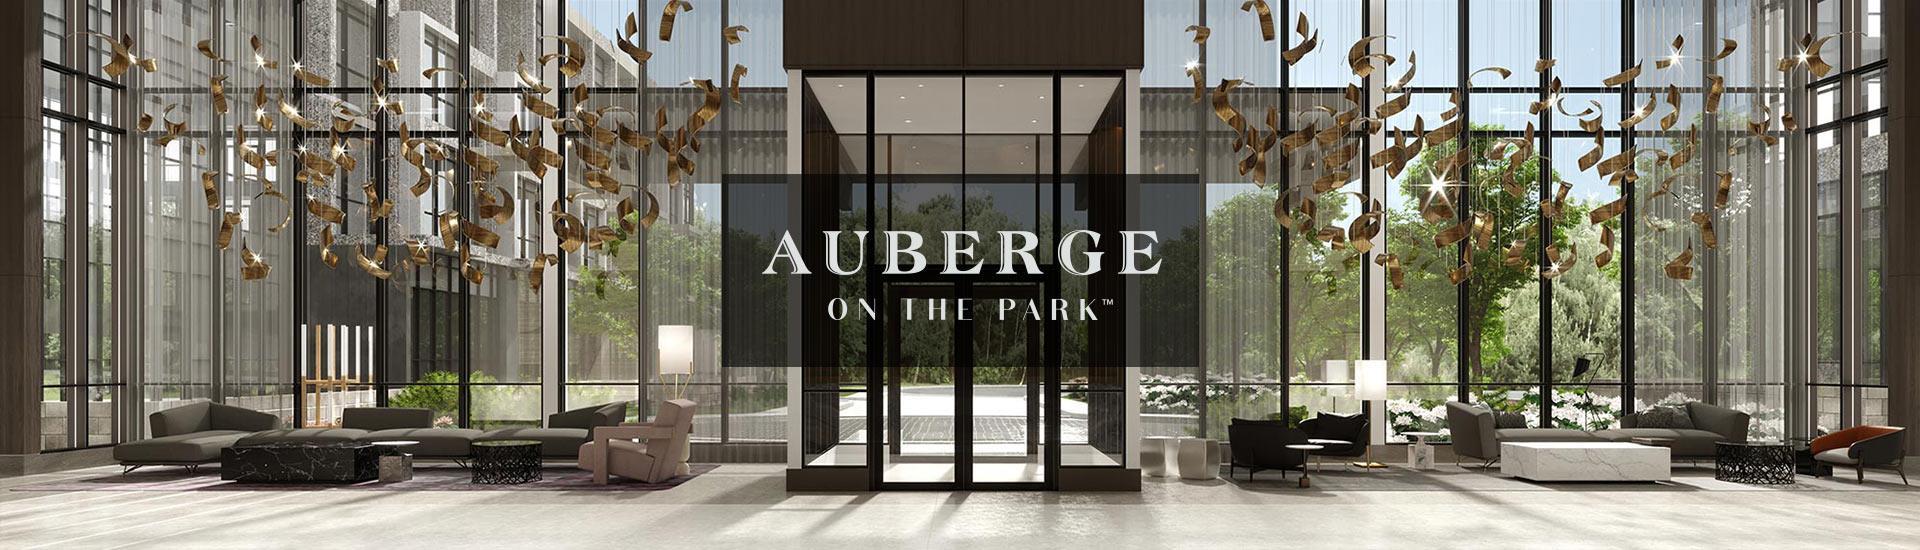 auberge_on_the_park_3_condominium